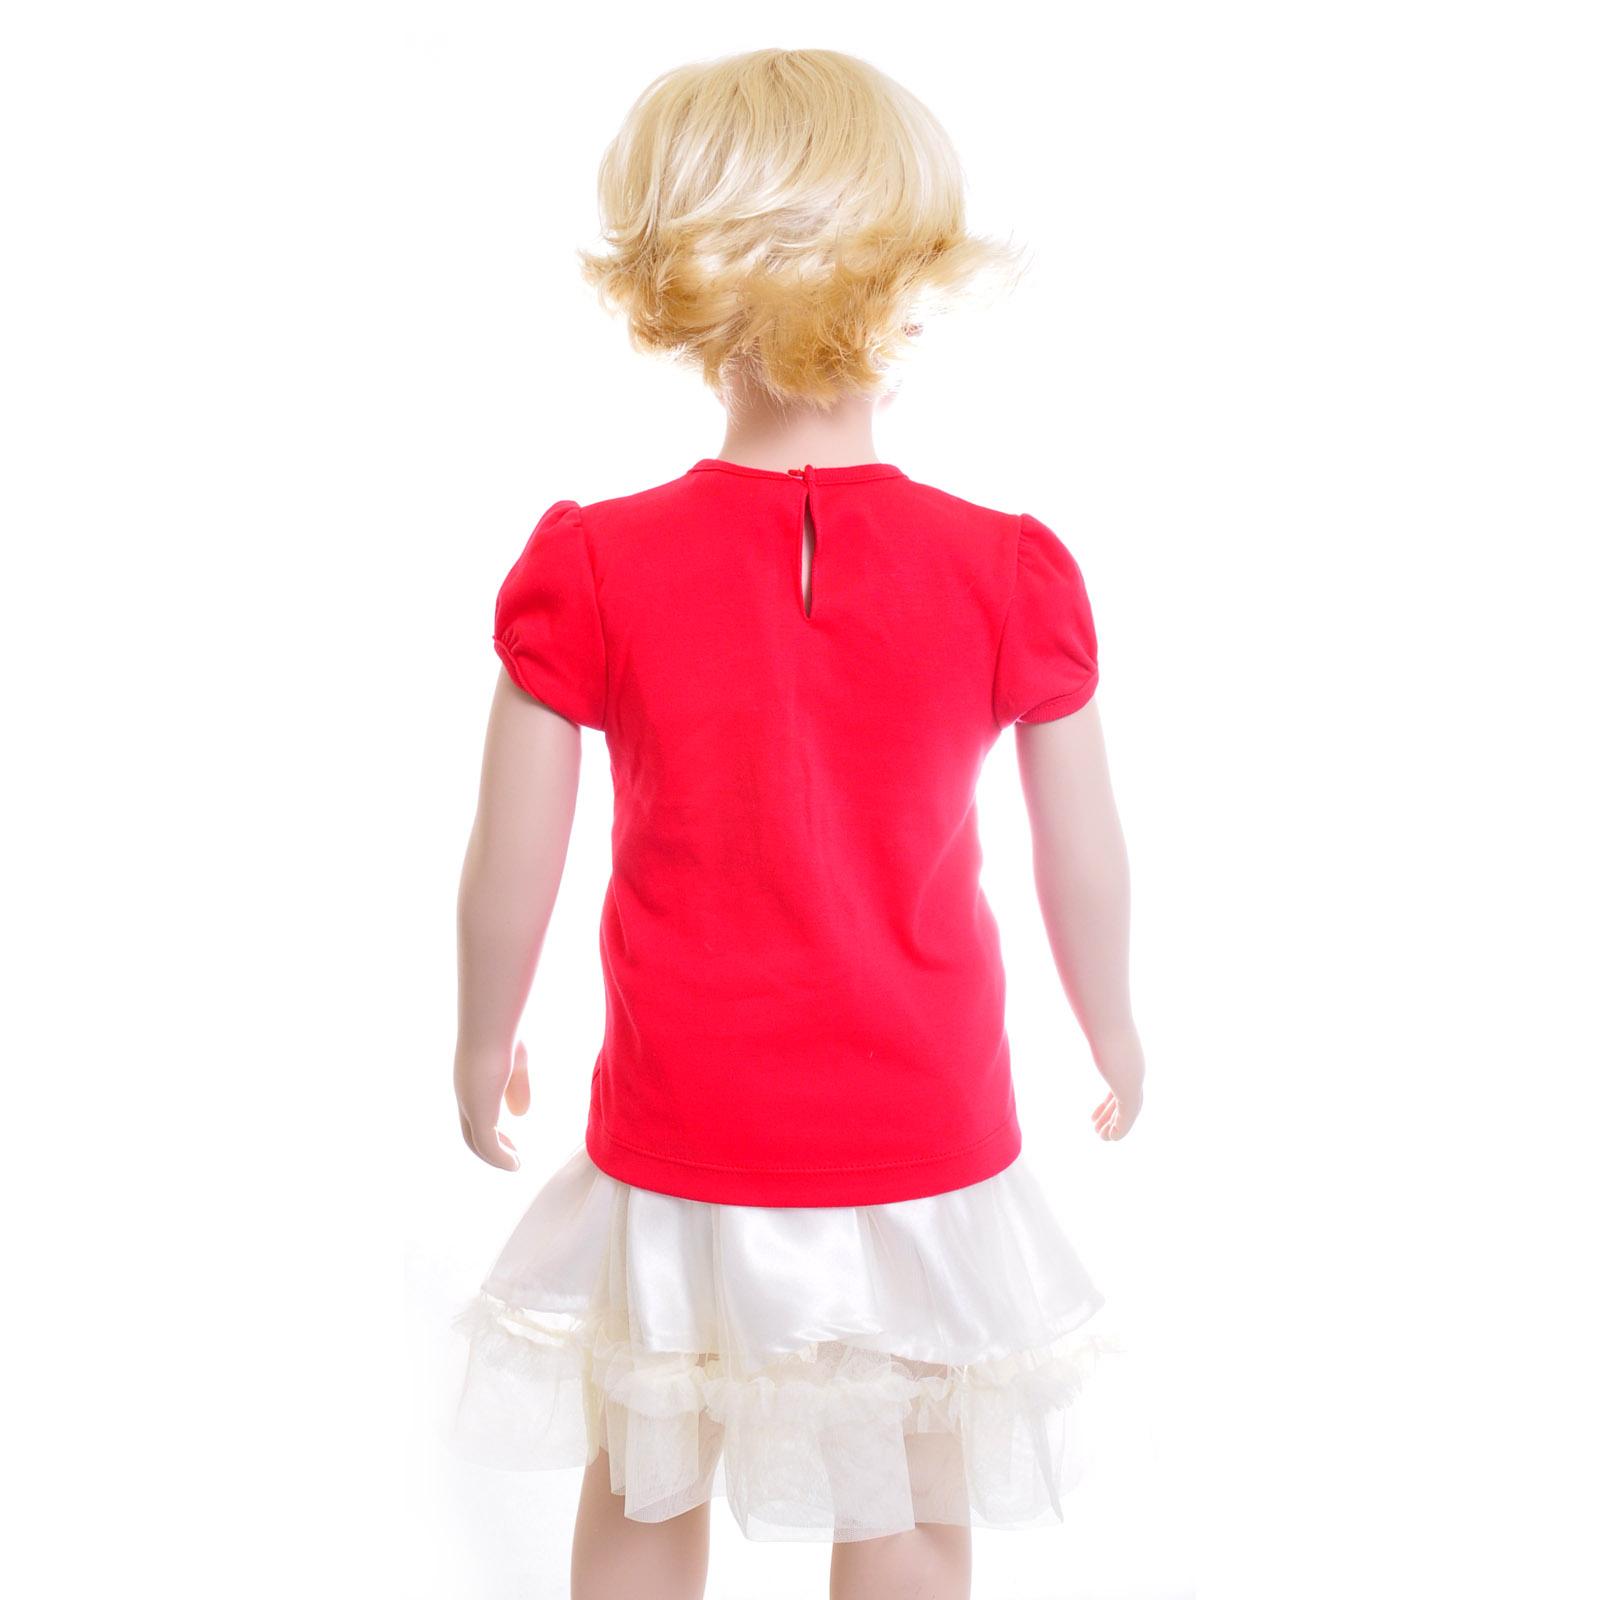 Комплект Дисней Минни футболка с коротким рукавом, светлая юбка, для девочки, красный 12 мес. (Disney (одежда))